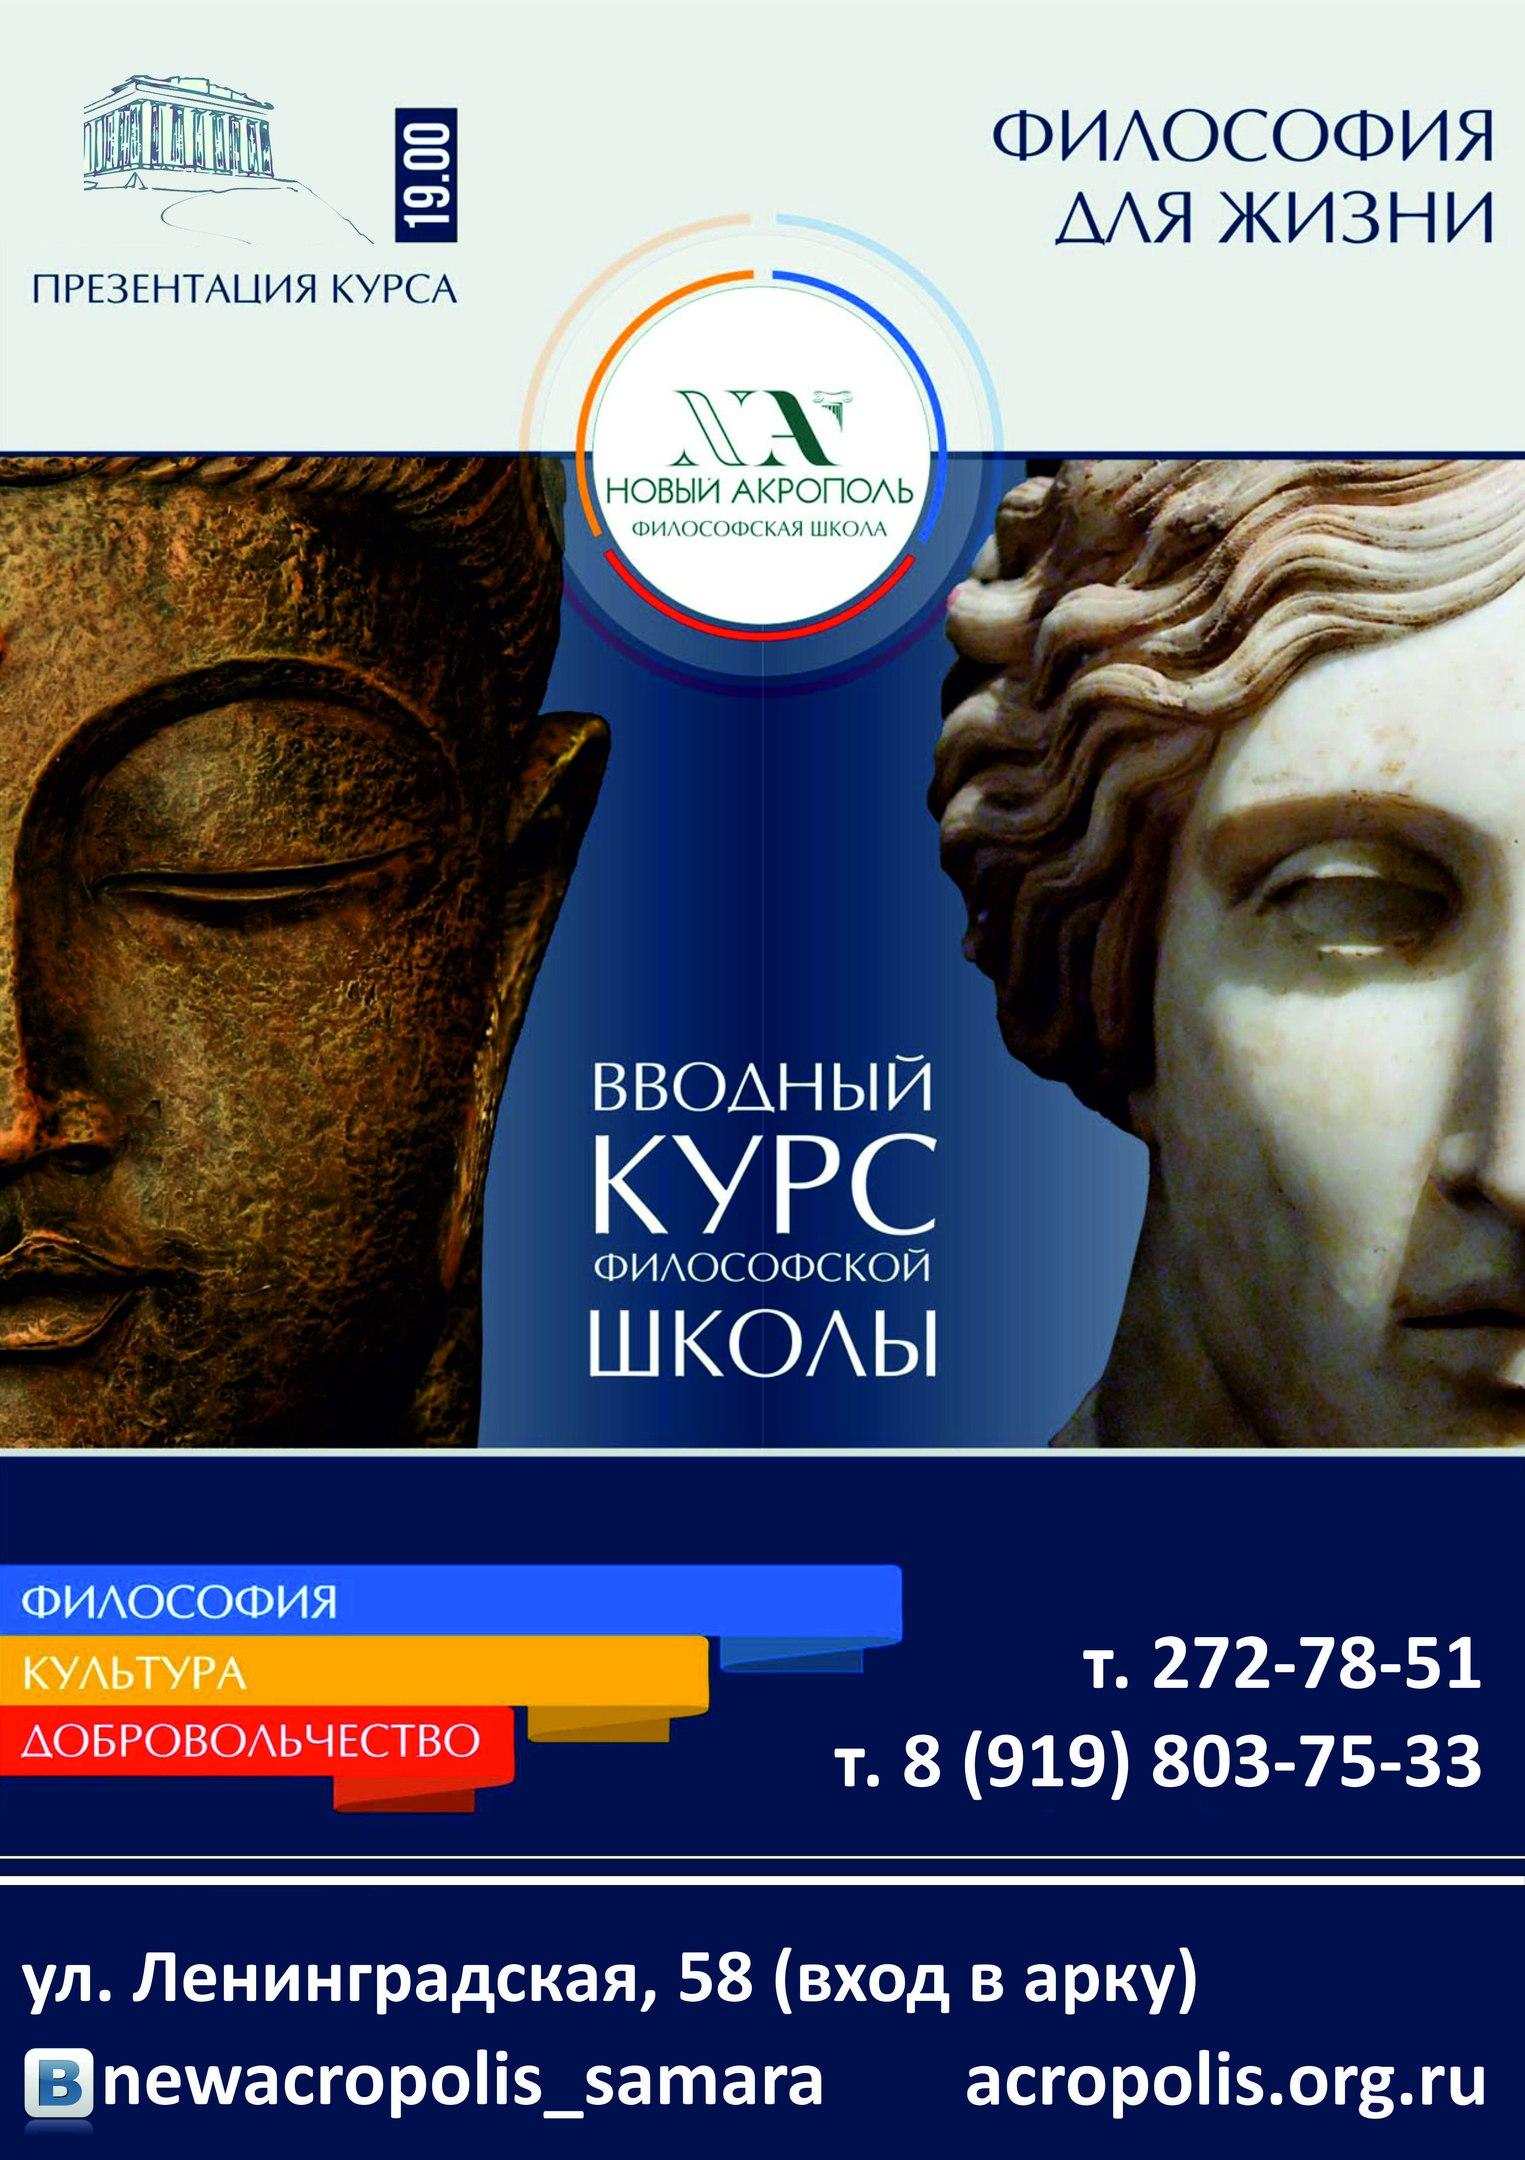 Театр юного зрителя нижний новгород официальный сайт афиша